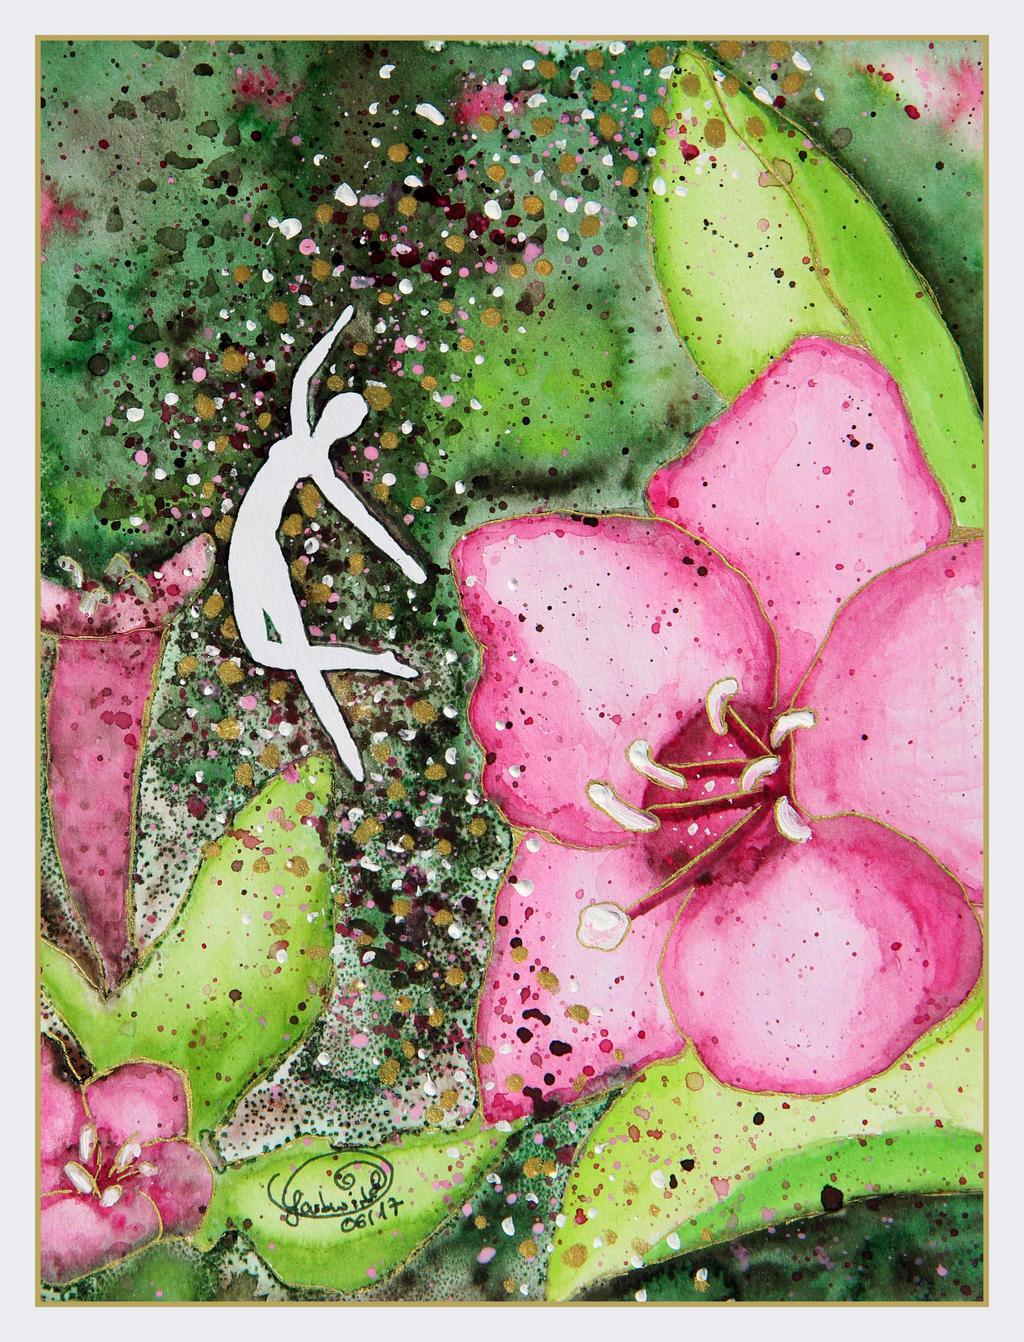 Alpine Rose Sprite by farbwirbel on DeviantArt